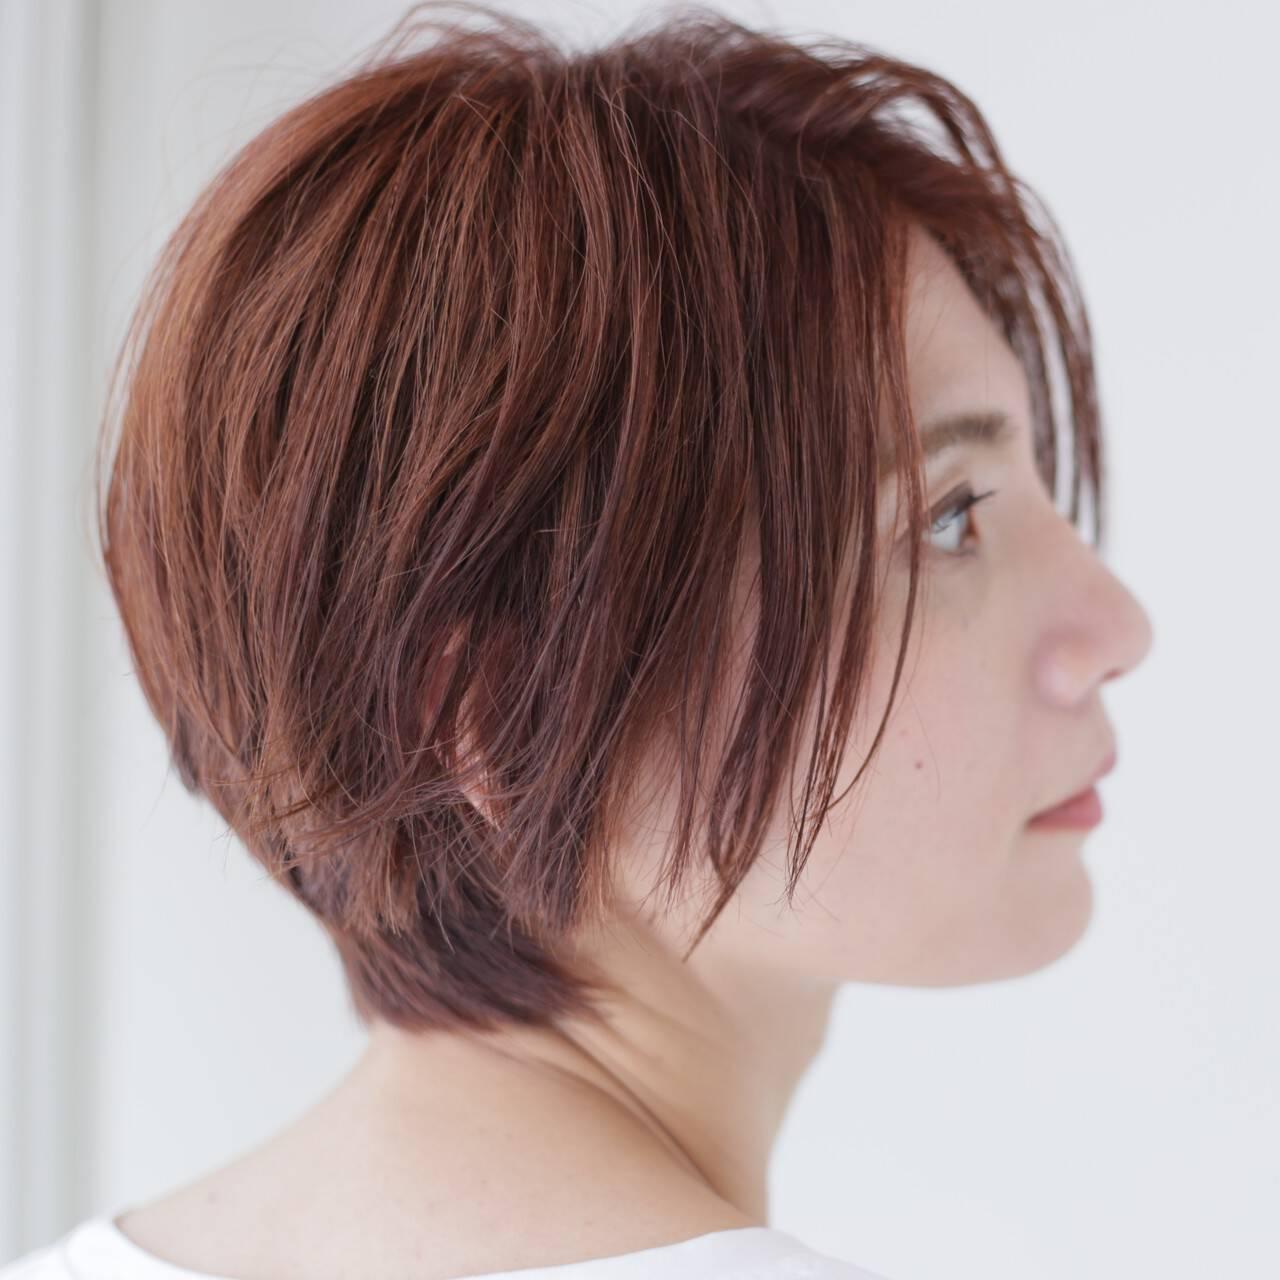 カッパー ショートボブ 暖色 ショートヘアスタイルや髪型の写真・画像